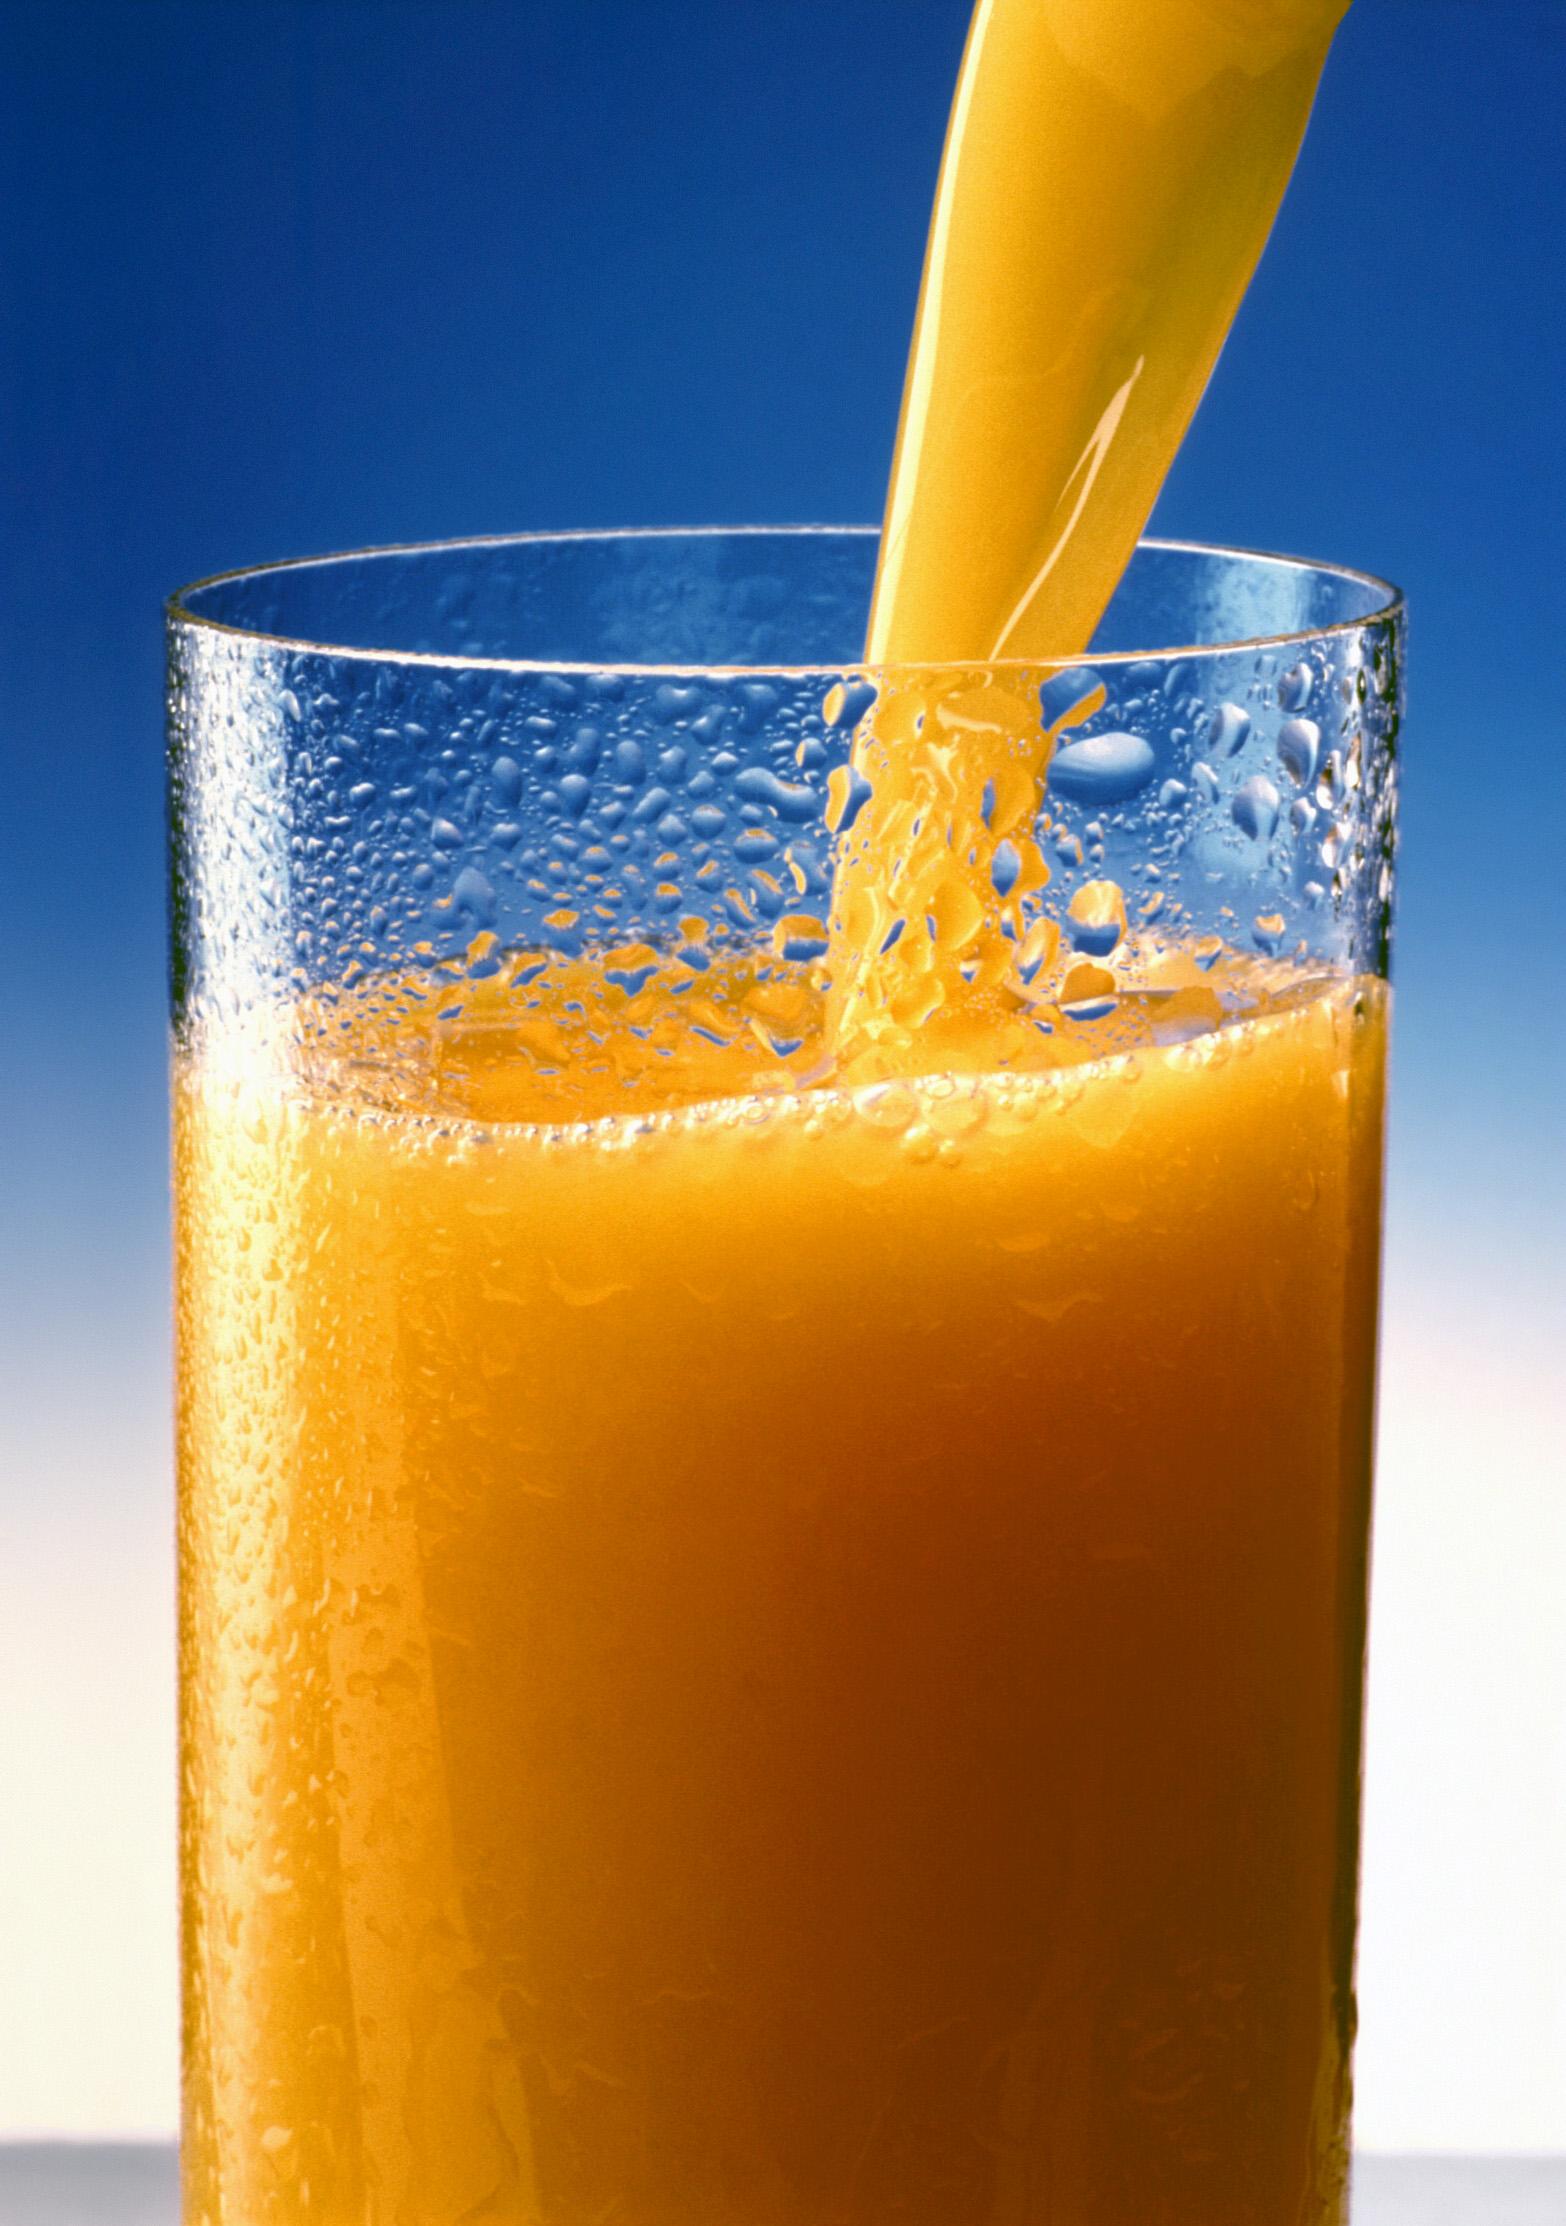 Orange_juice_1 La conservación de los alimentos en verano